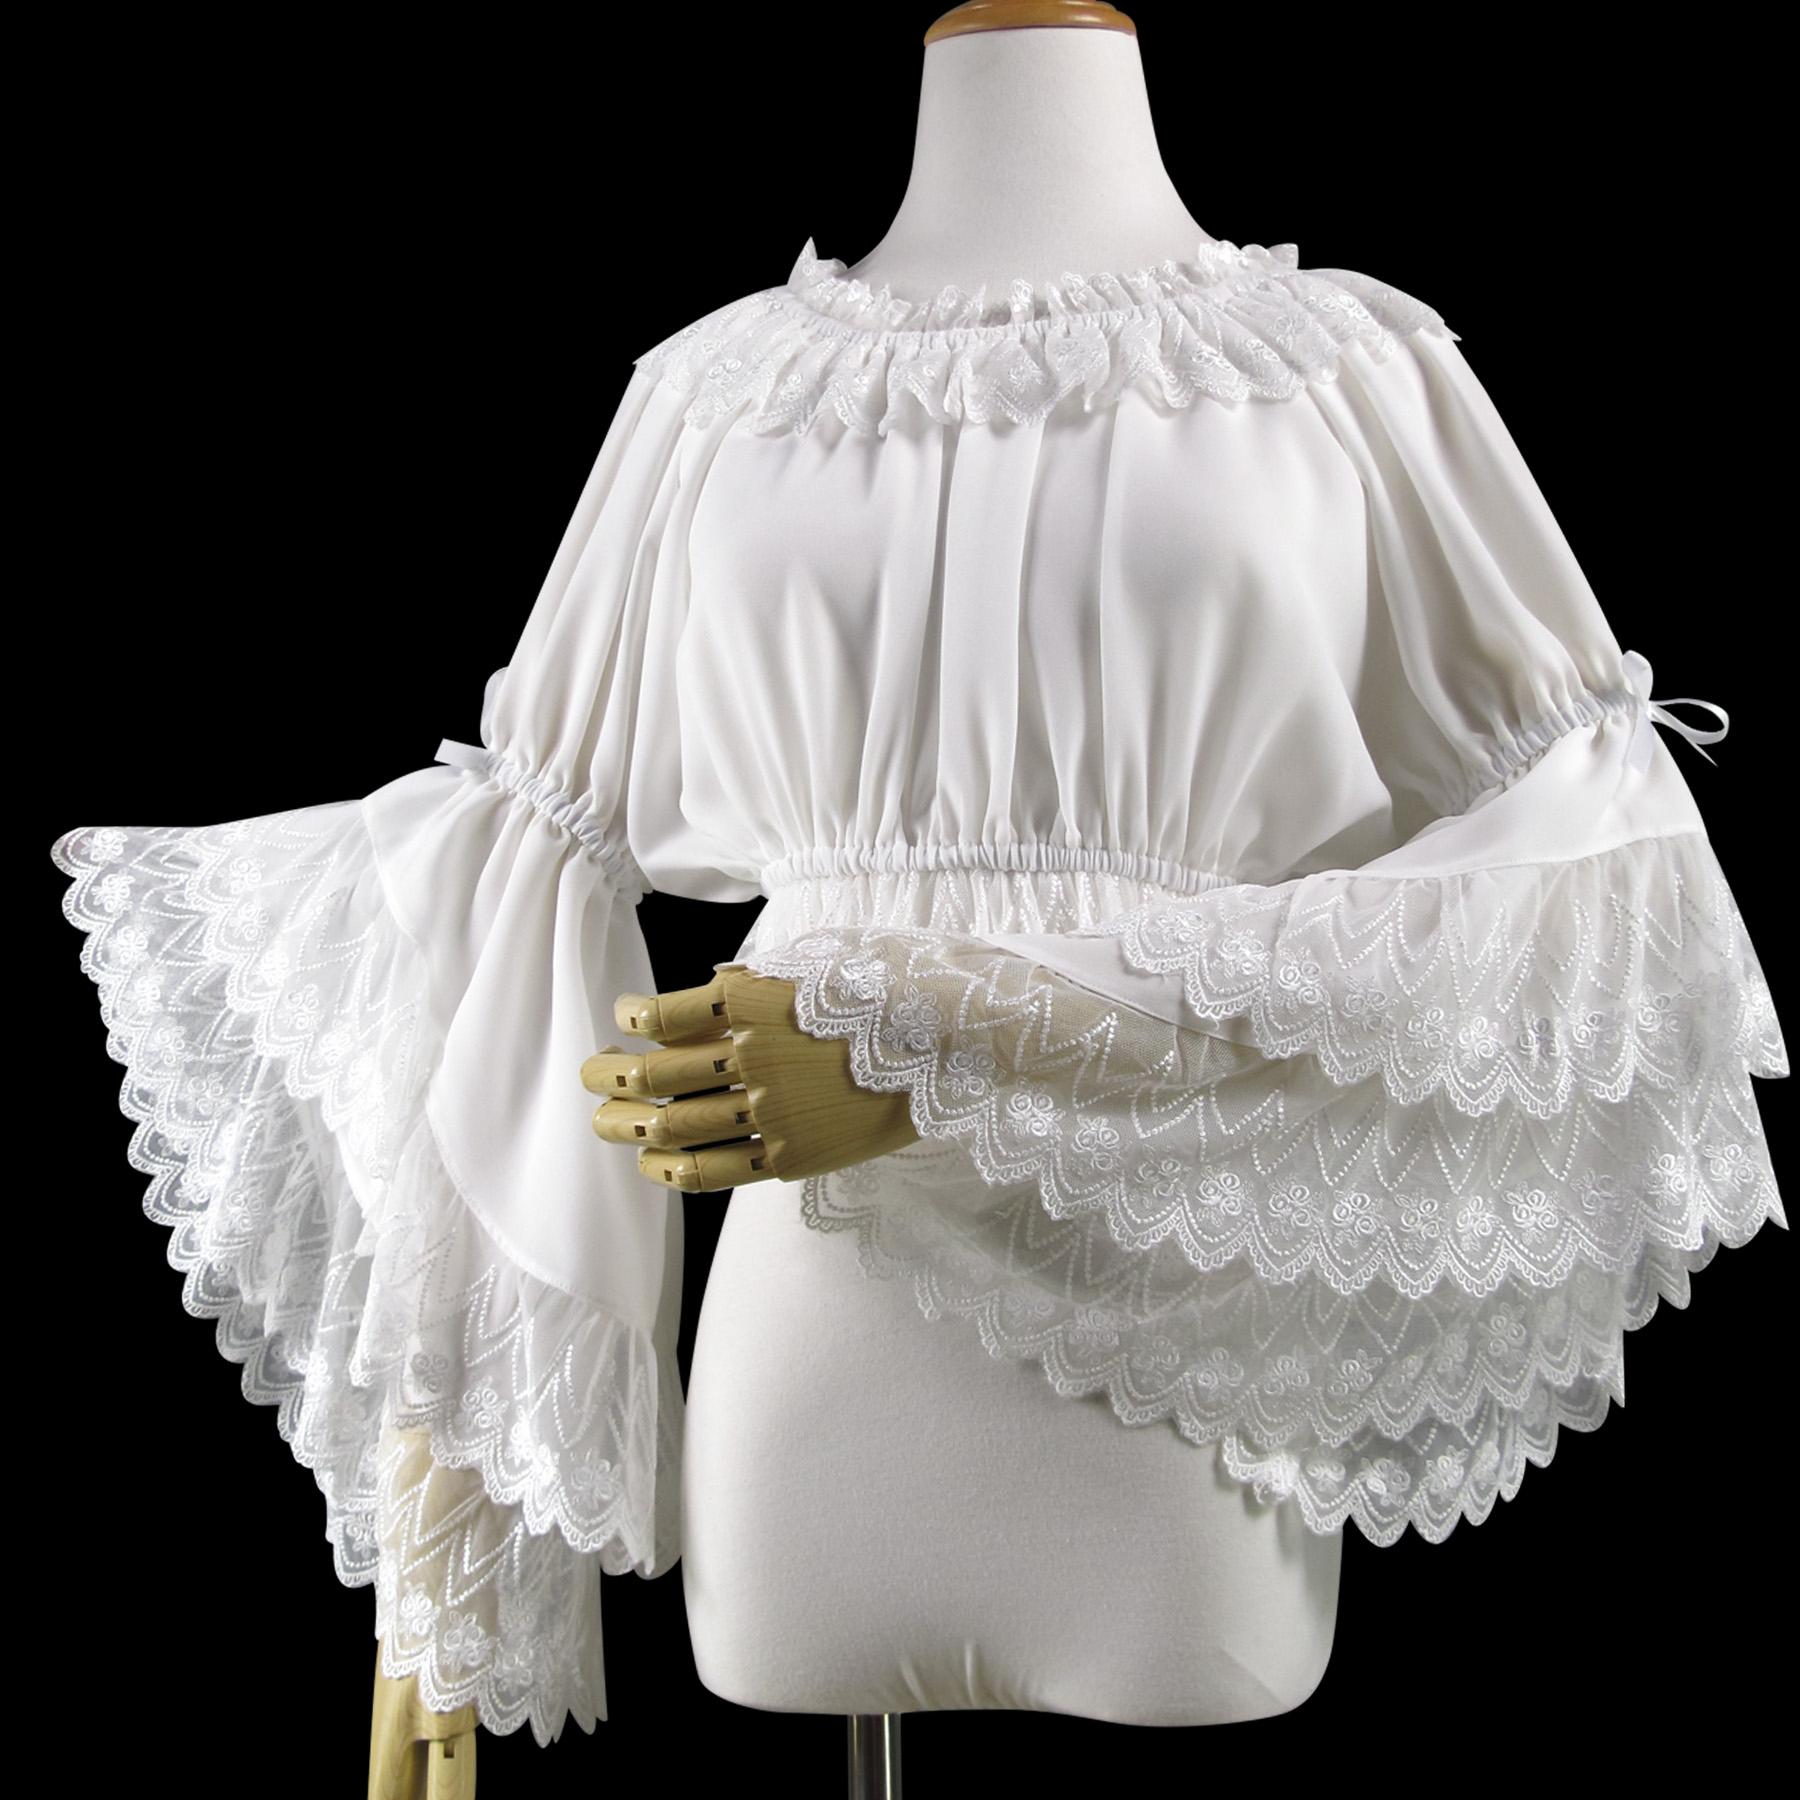 夏オリジナルのlolitaワンピースのフリルネックの華麗な姫袖jsk内にヴィンテージレースのシャツを掛けます。